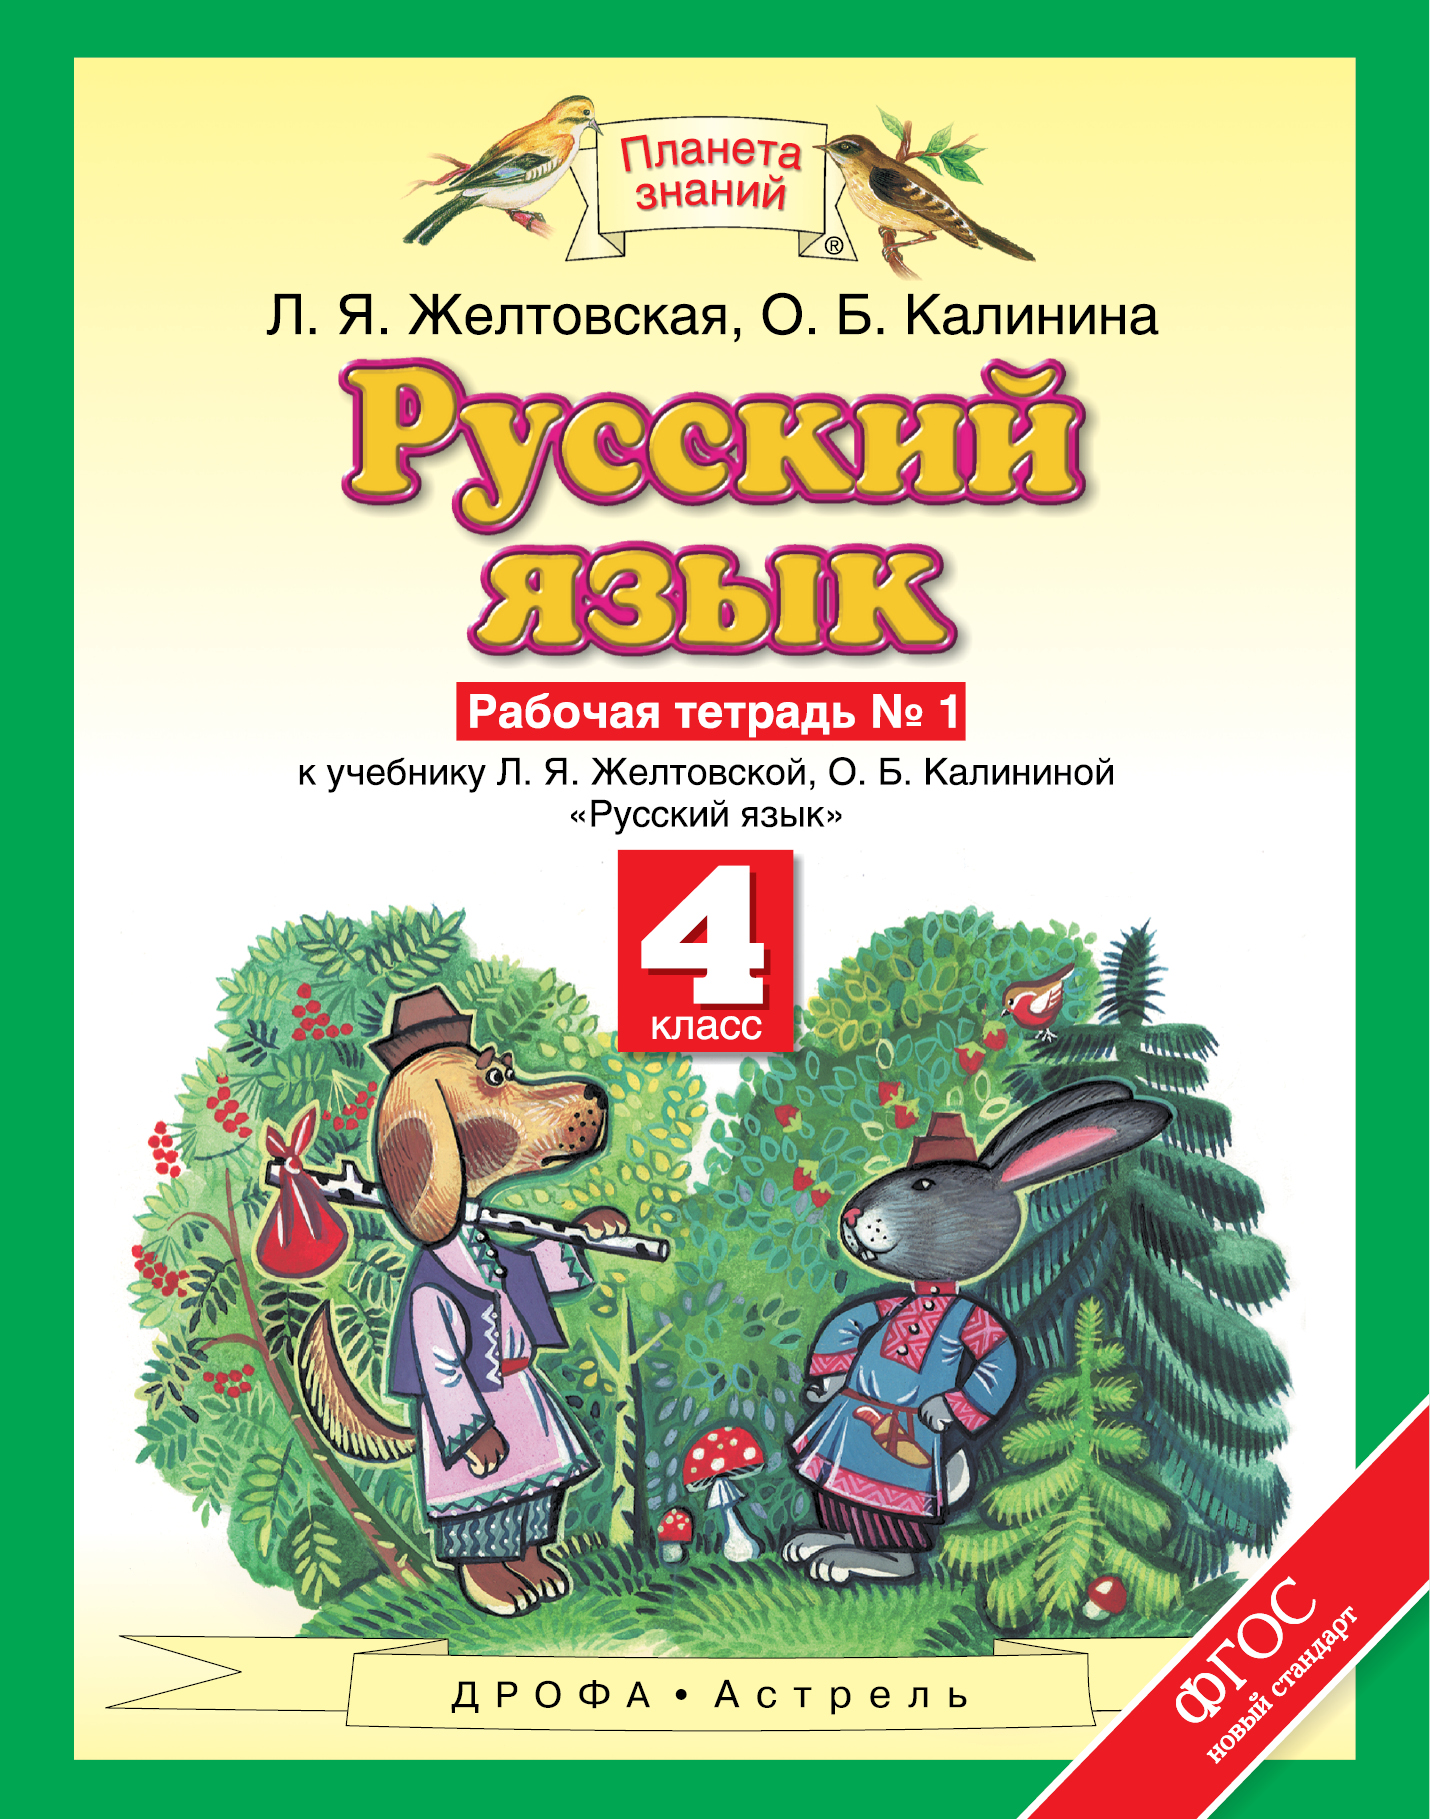 Учебник русского языка желтовская л.я 4 класс 1 часть